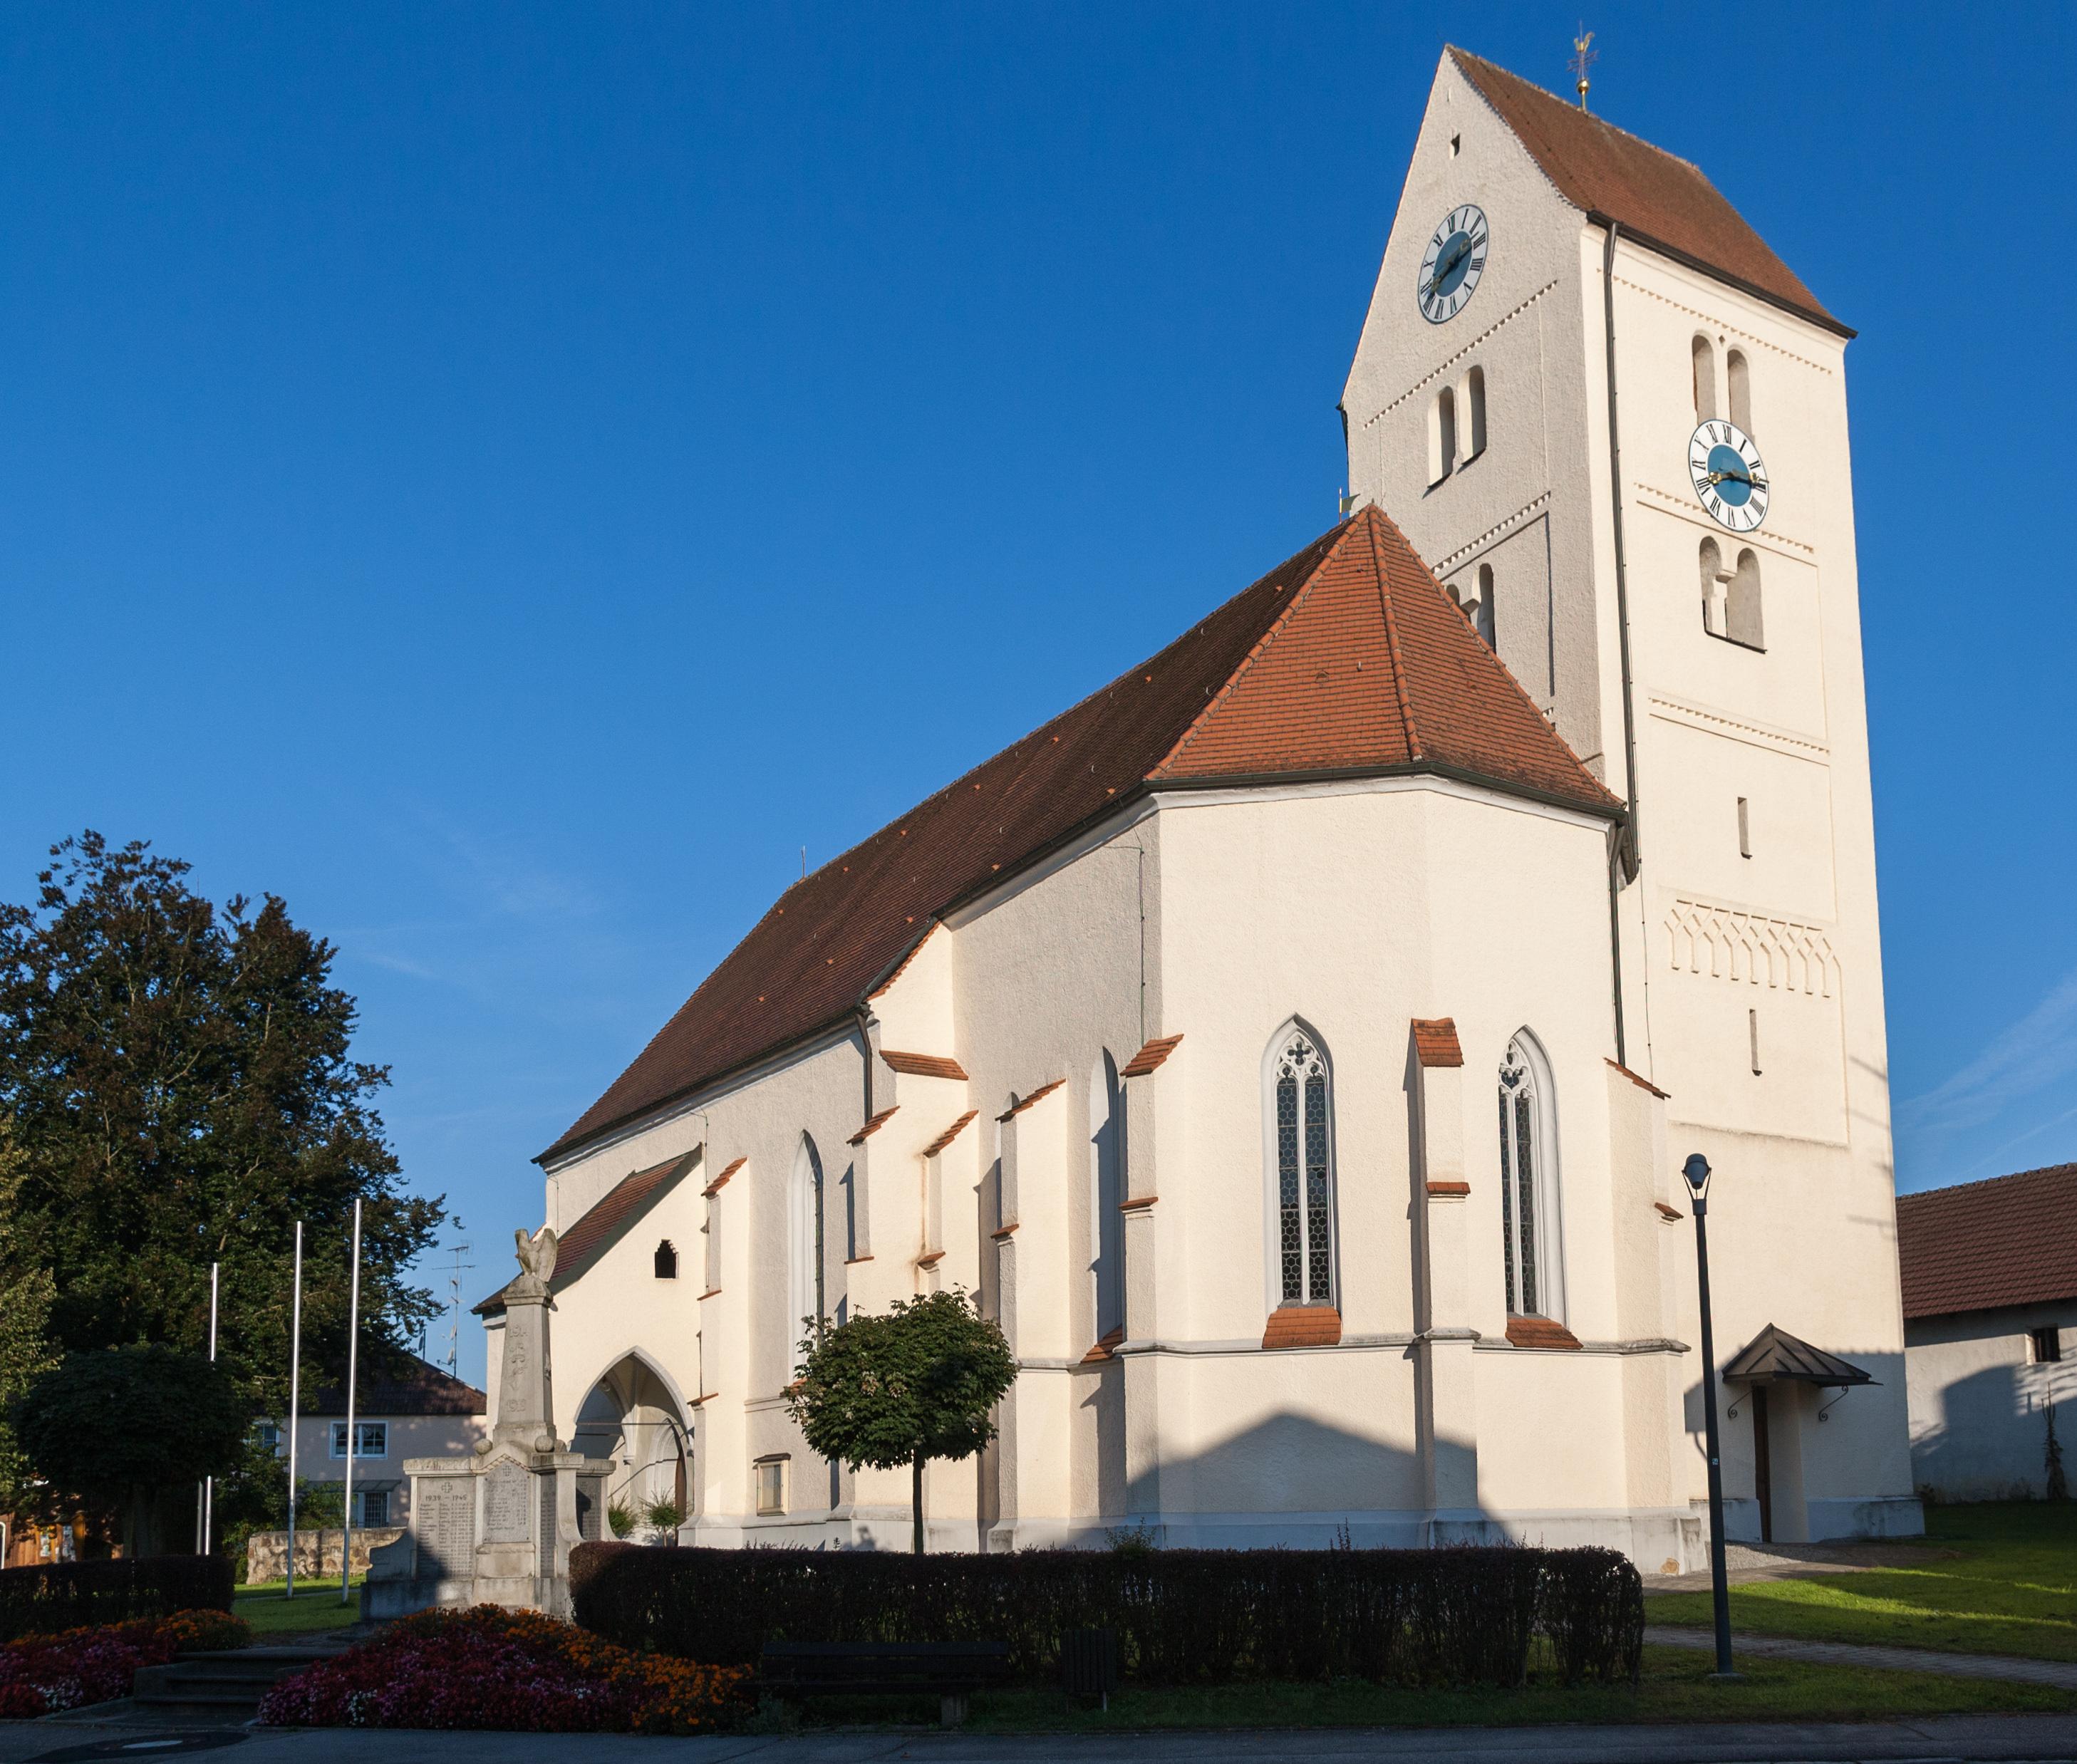 Pfarrkirche St  Valentin 2